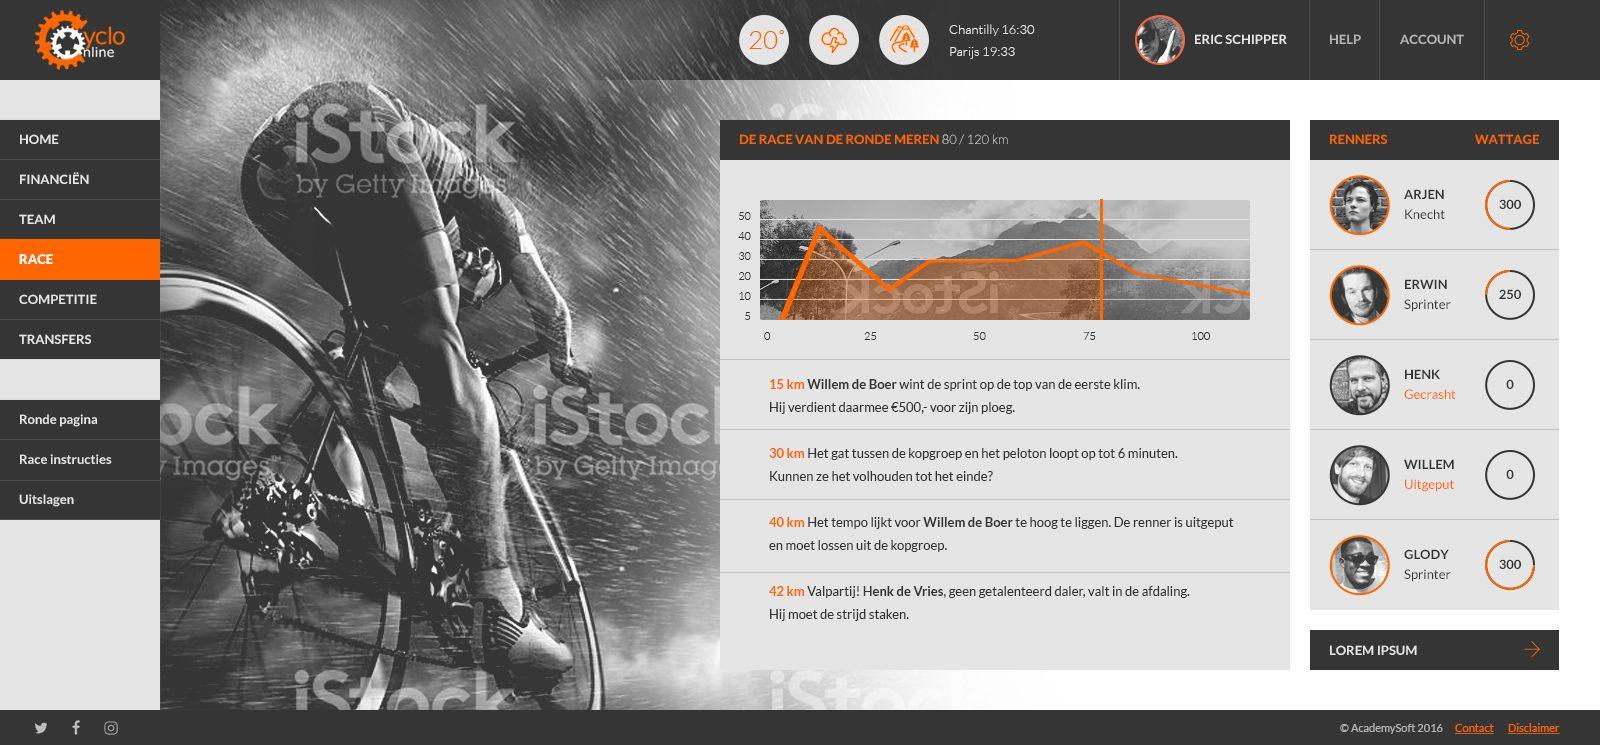 03_CycloOnline_MockupSchermen_Race2